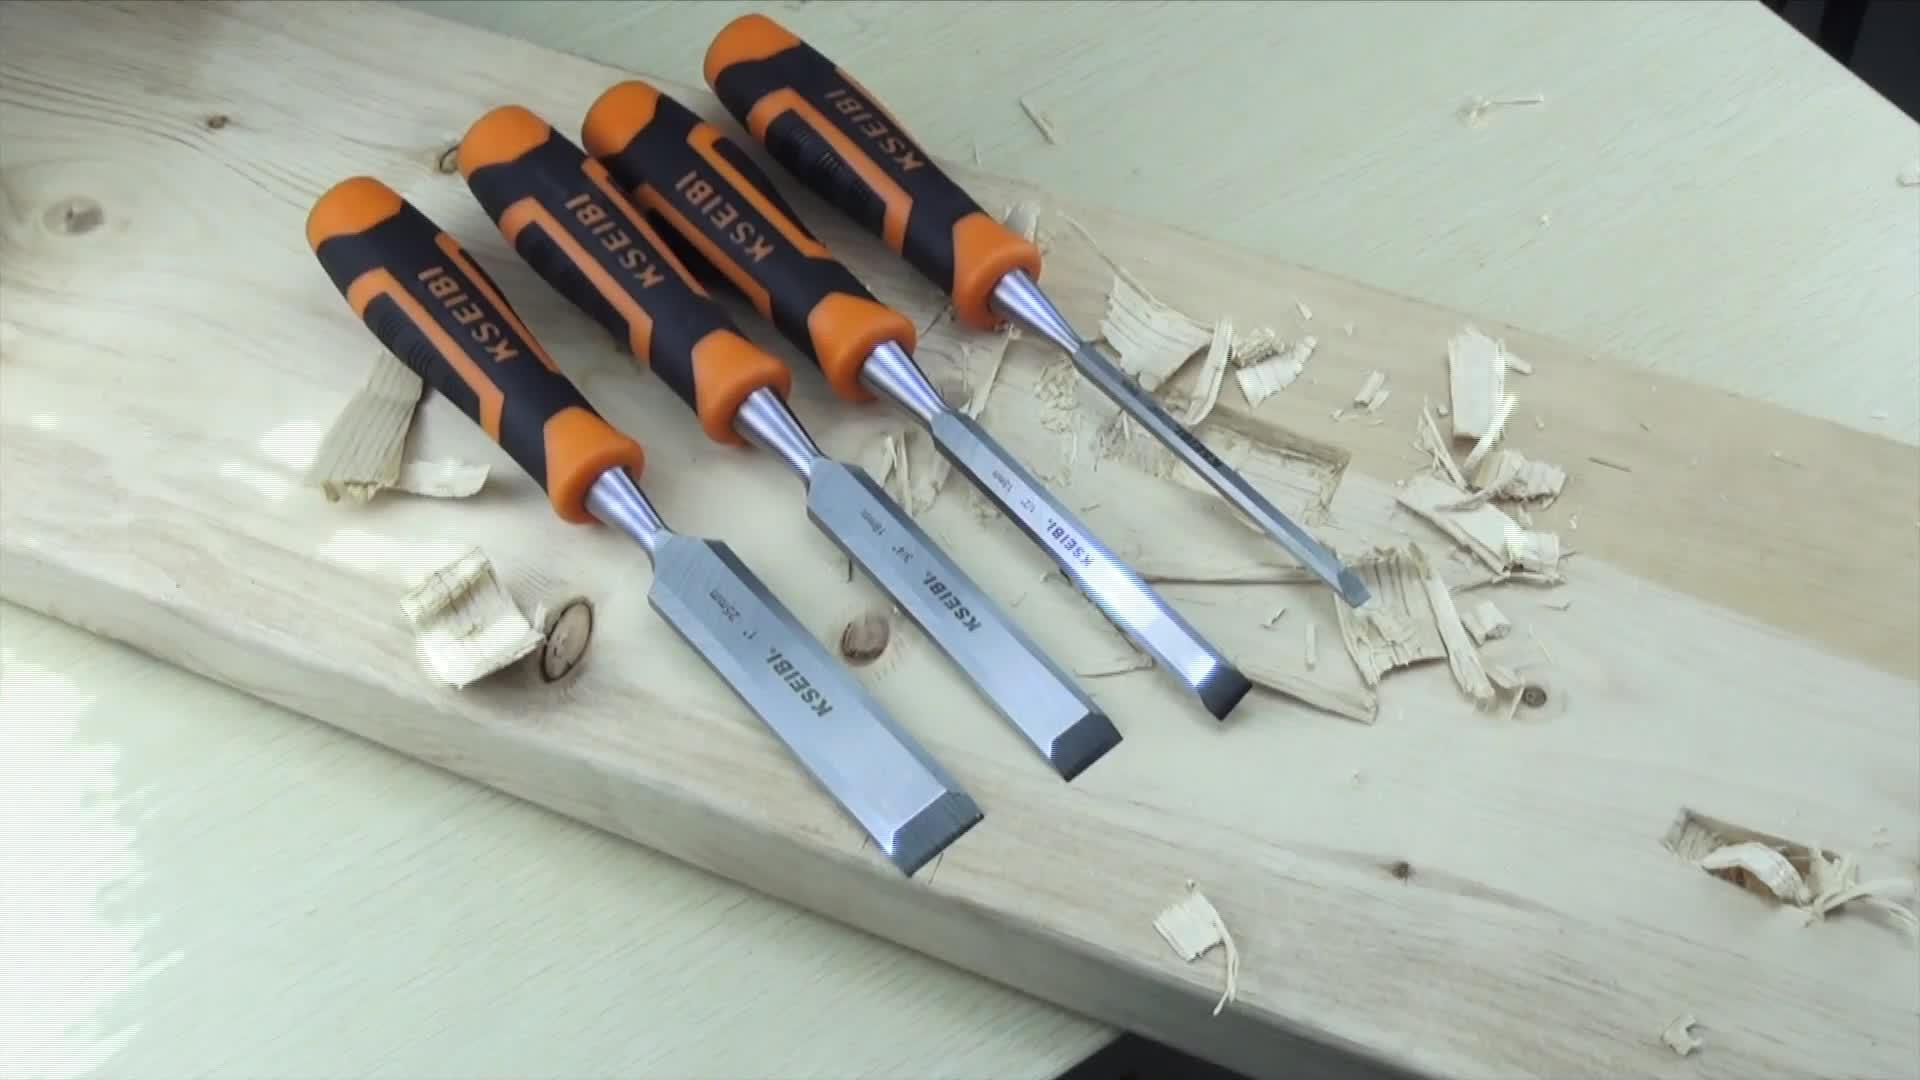 KSEIBI de cincel de carpintero herramientas para trabajar la madera